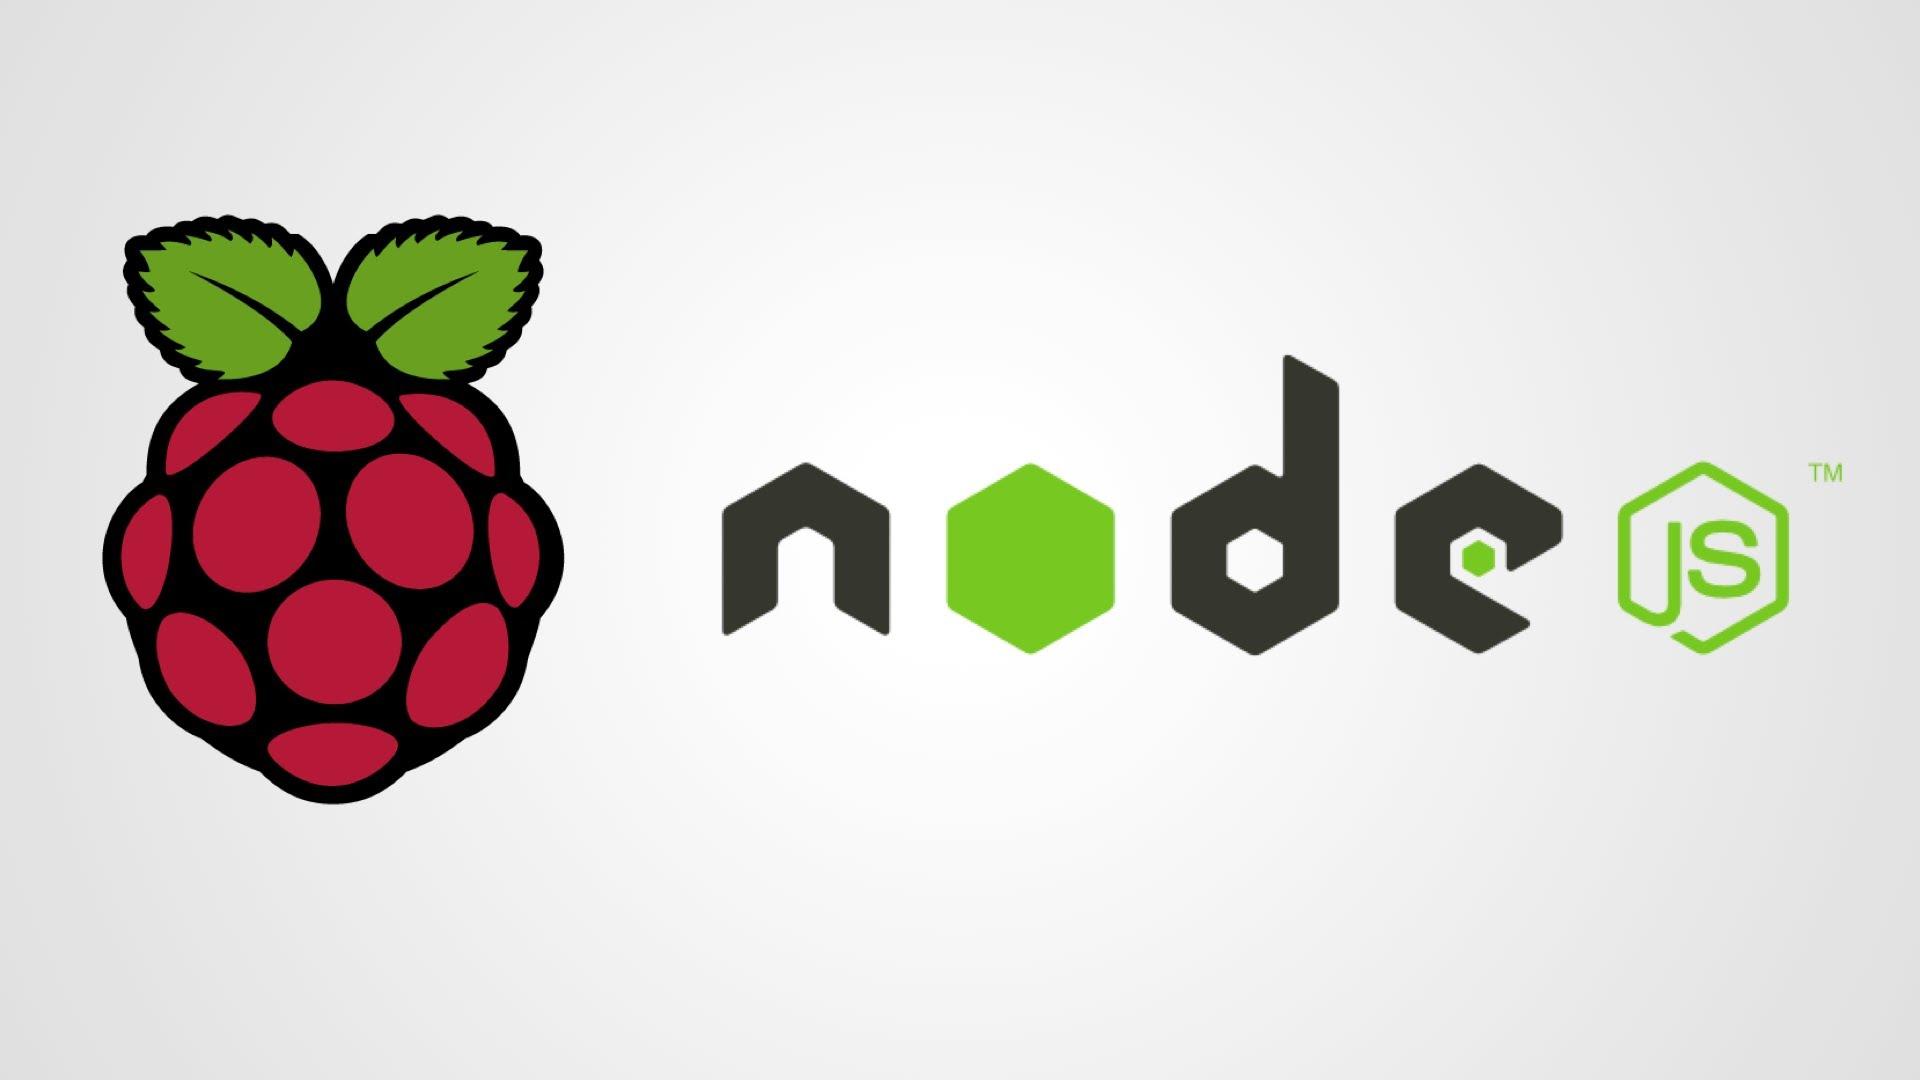 Node.js là gì và tại sao tôi nên học lập trình Node.js?